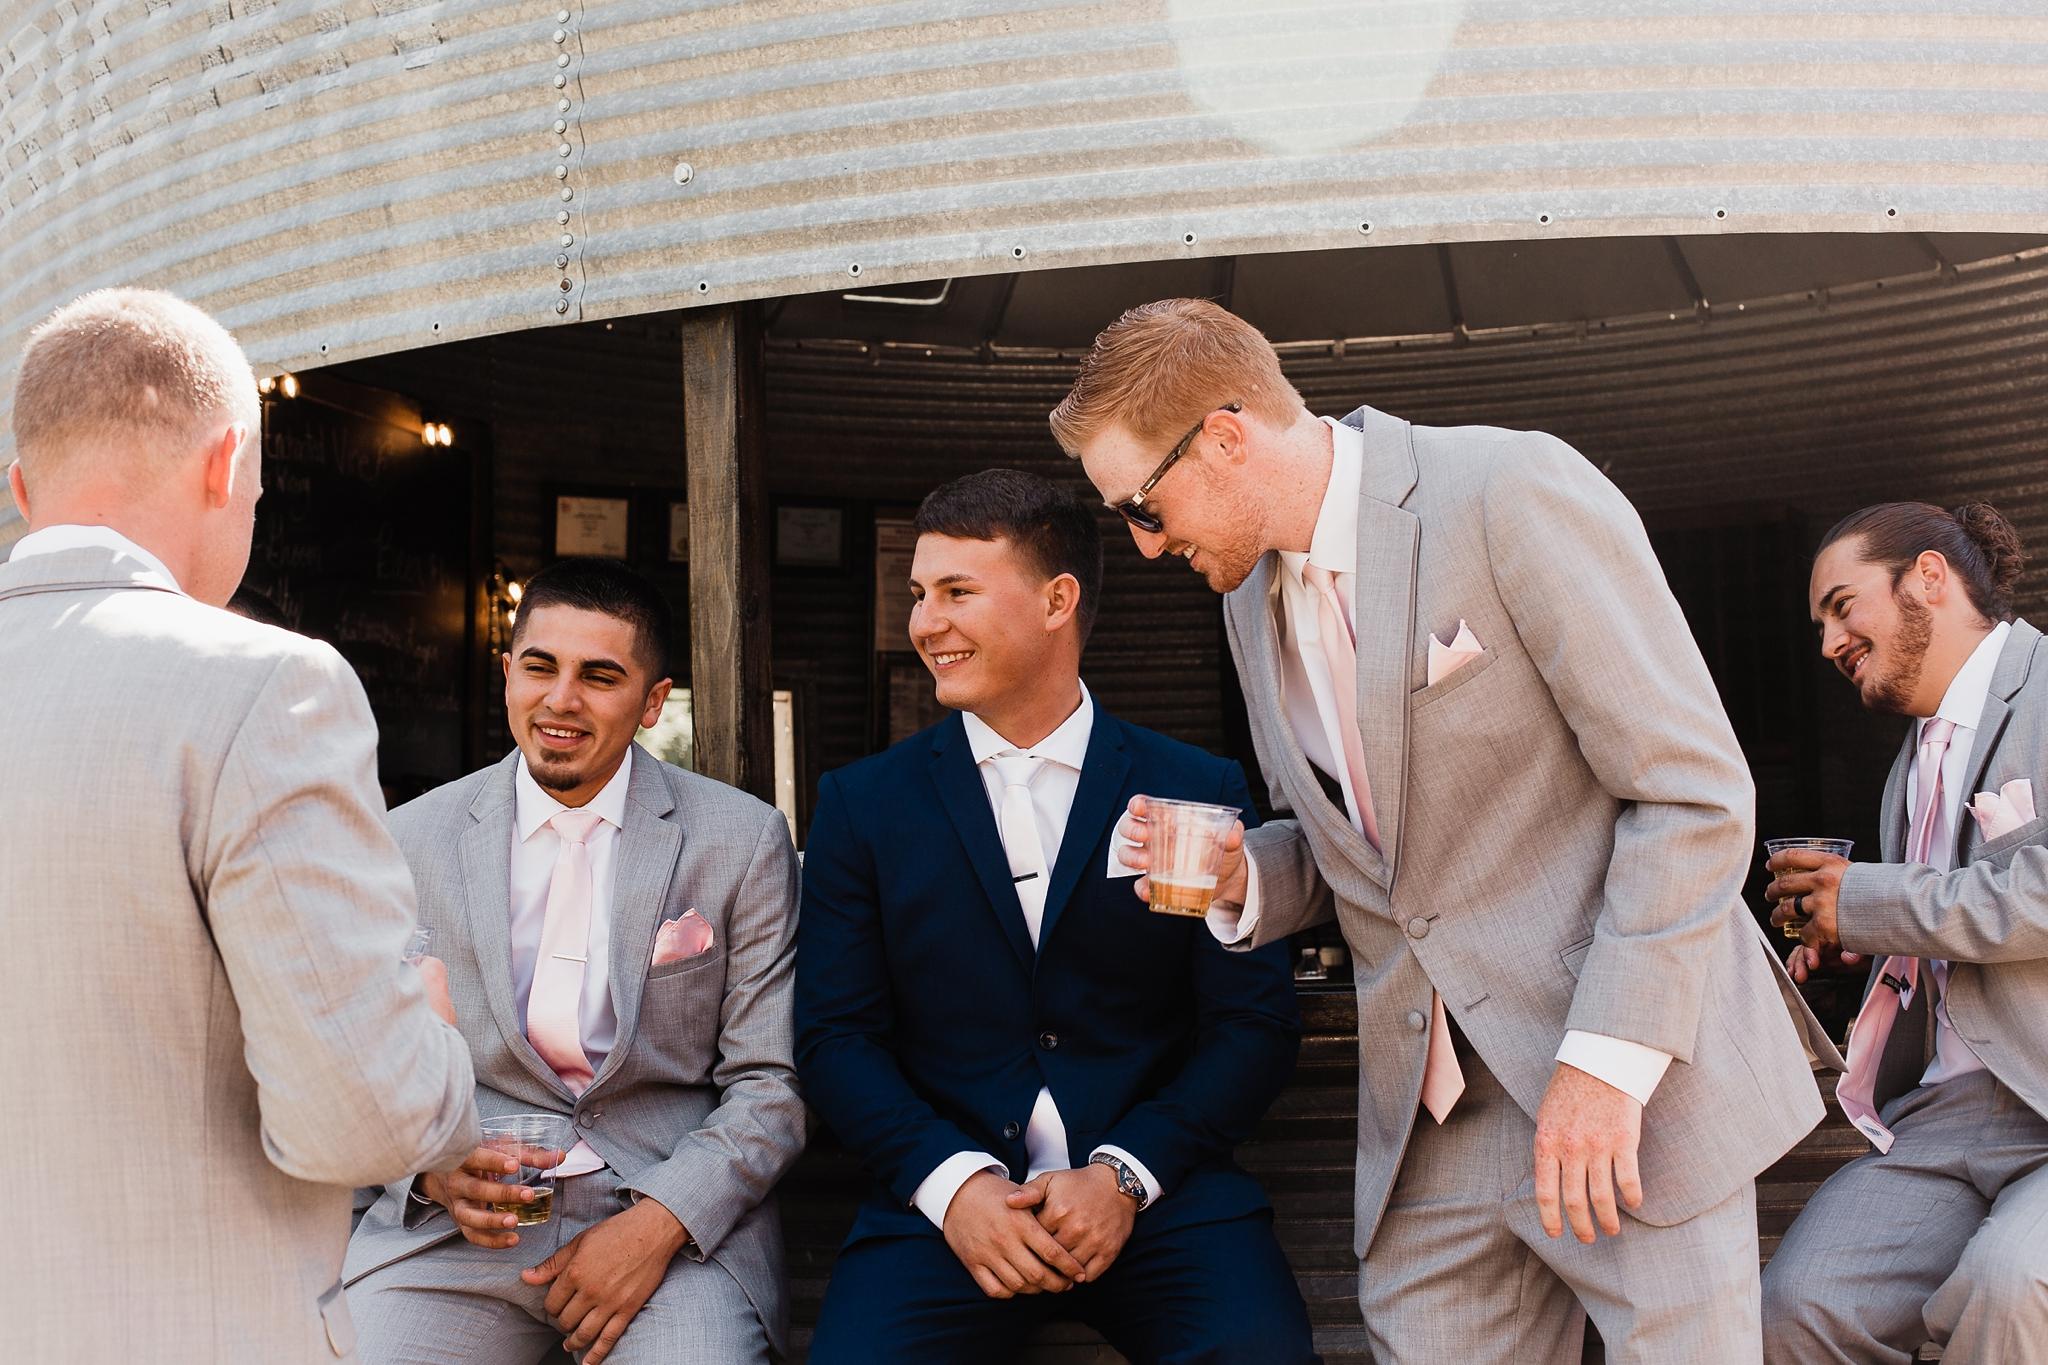 Alicia+lucia+photography+-+albuquerque+wedding+photographer+-+santa+fe+wedding+photography+-+new+mexico+wedding+photographer+-+new+mexico+wedding+-+new+mexico+wedding+-+barn+wedding+-+enchanted+vine+barn+wedding+-+ruidoso+wedding_0069.jpg